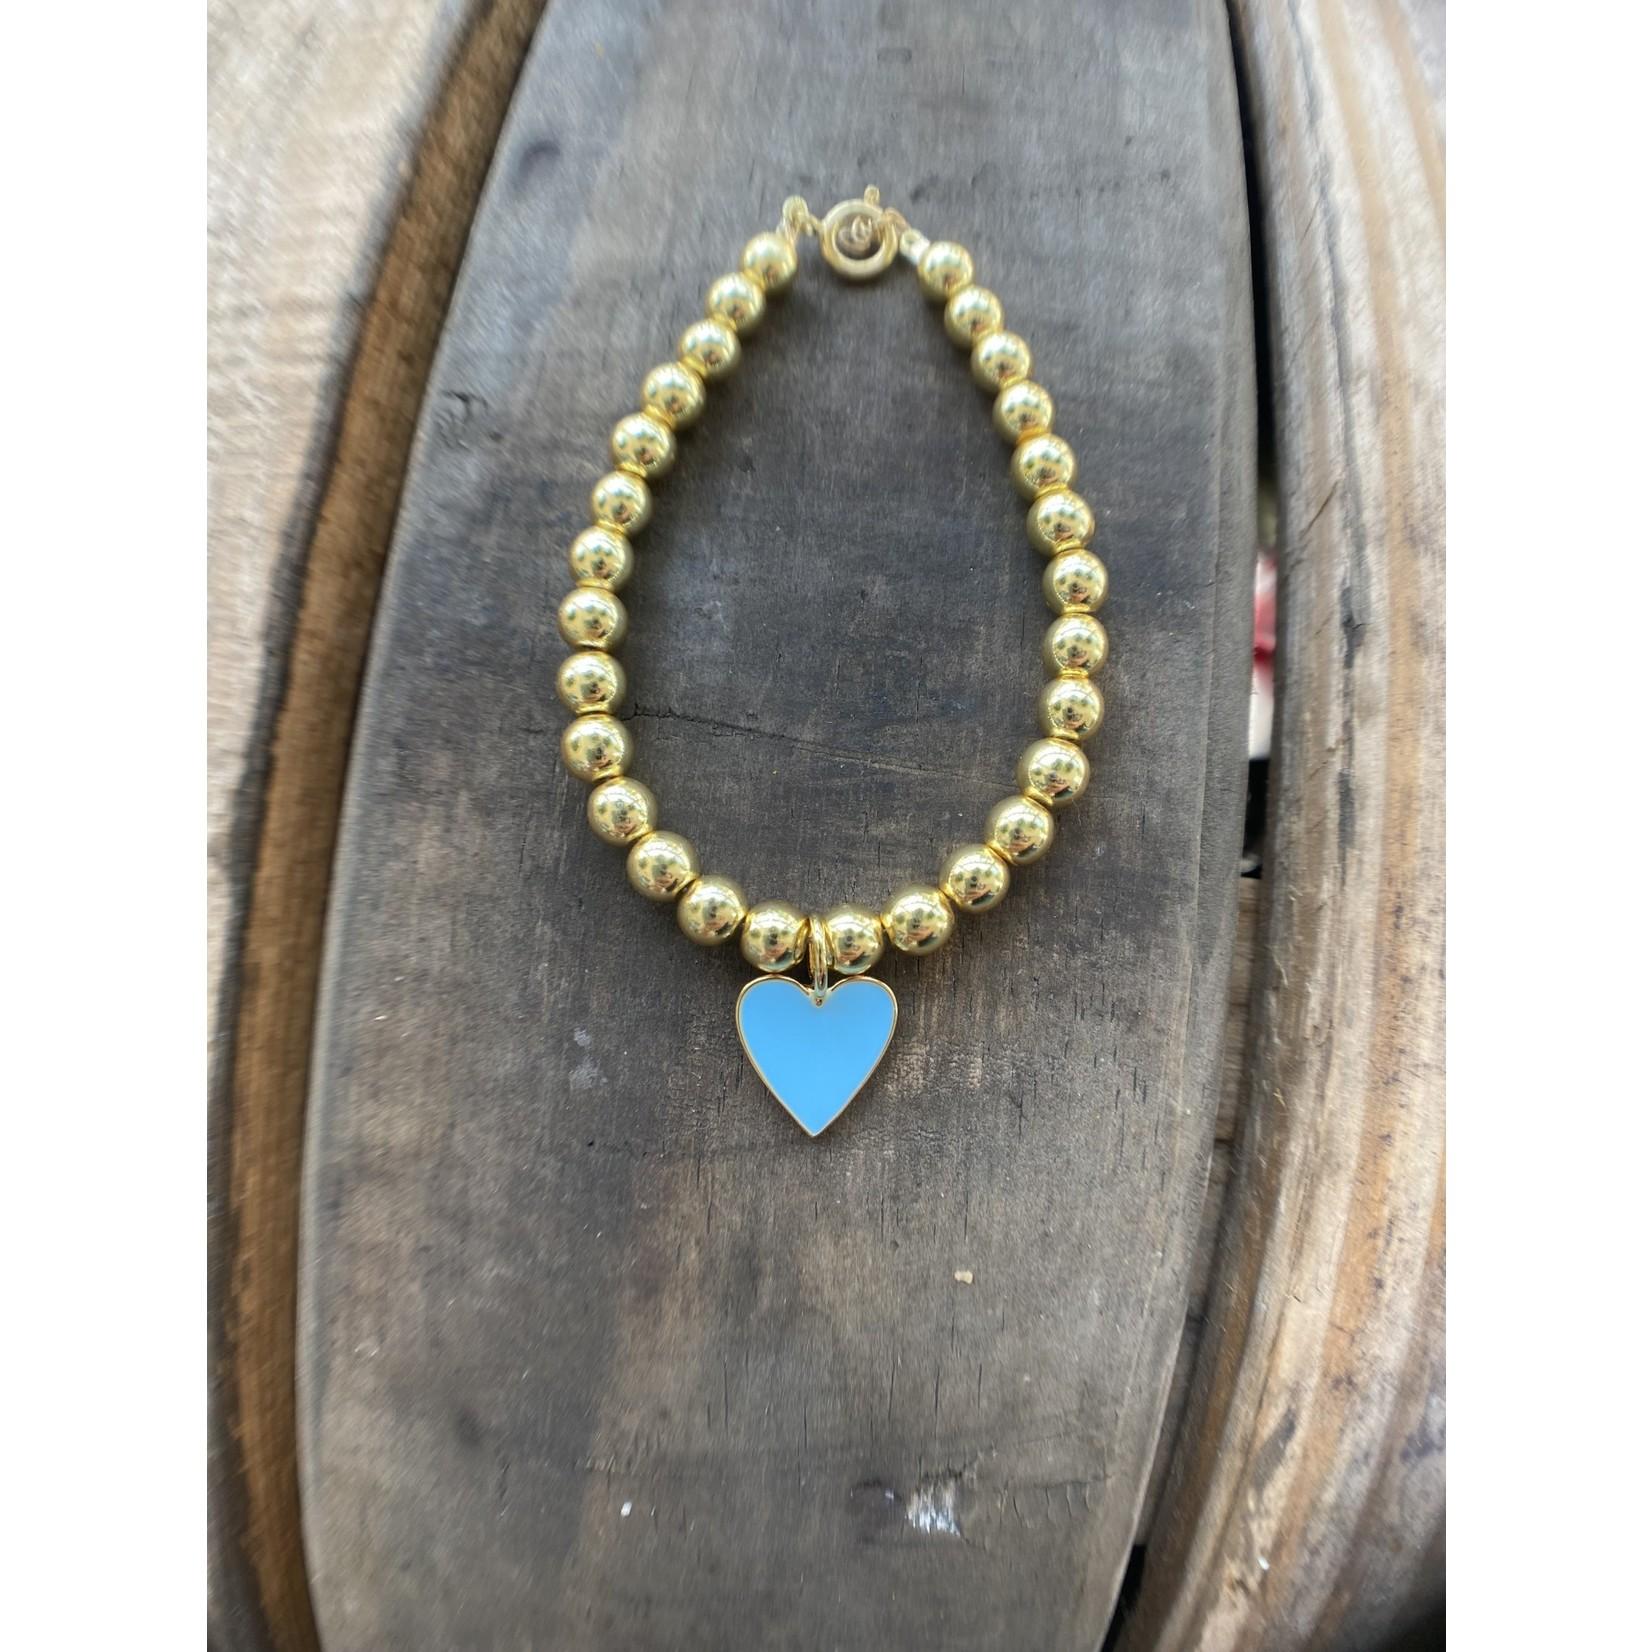 So Me So Me Designs  Heart of Ice: golden hematite beaded base with a light blue enamel heart pendant, bracelet